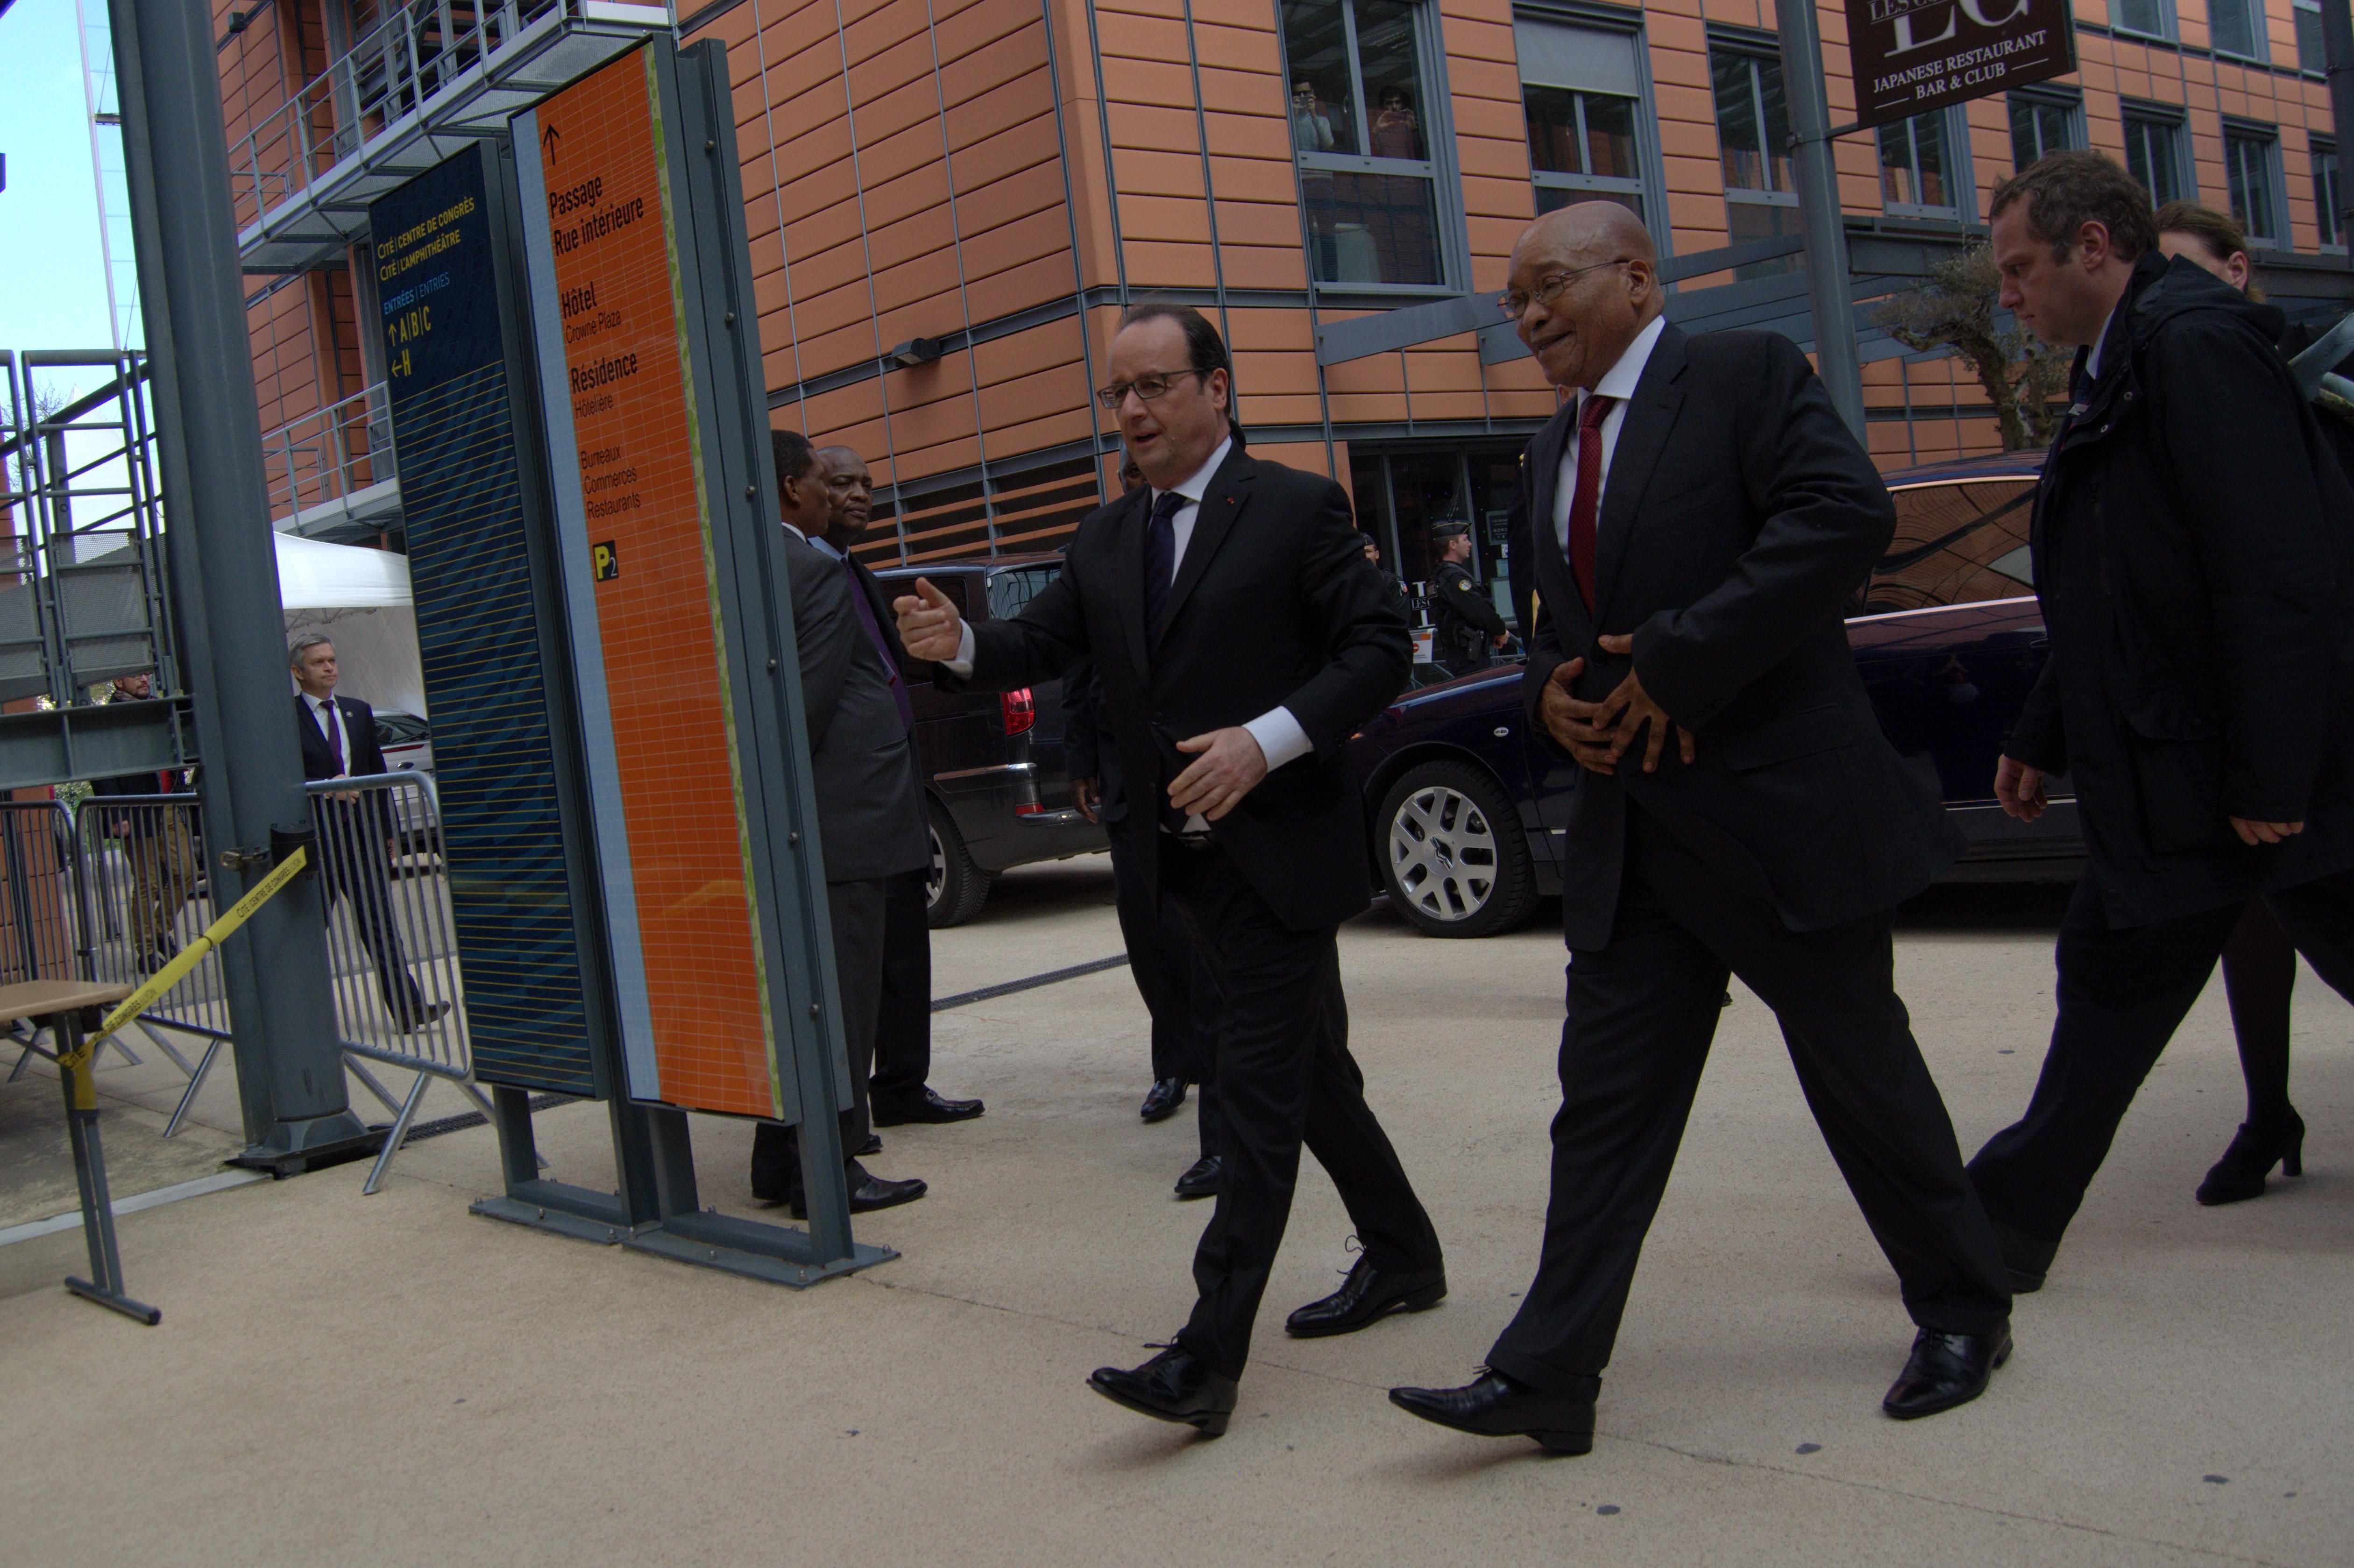 François Hollande et son homologue Jacob Zuma, le président de l'Afrique du Sud, ont clôturé cet évènement le 23 mars 2016. Crédit : Auriane Guiot